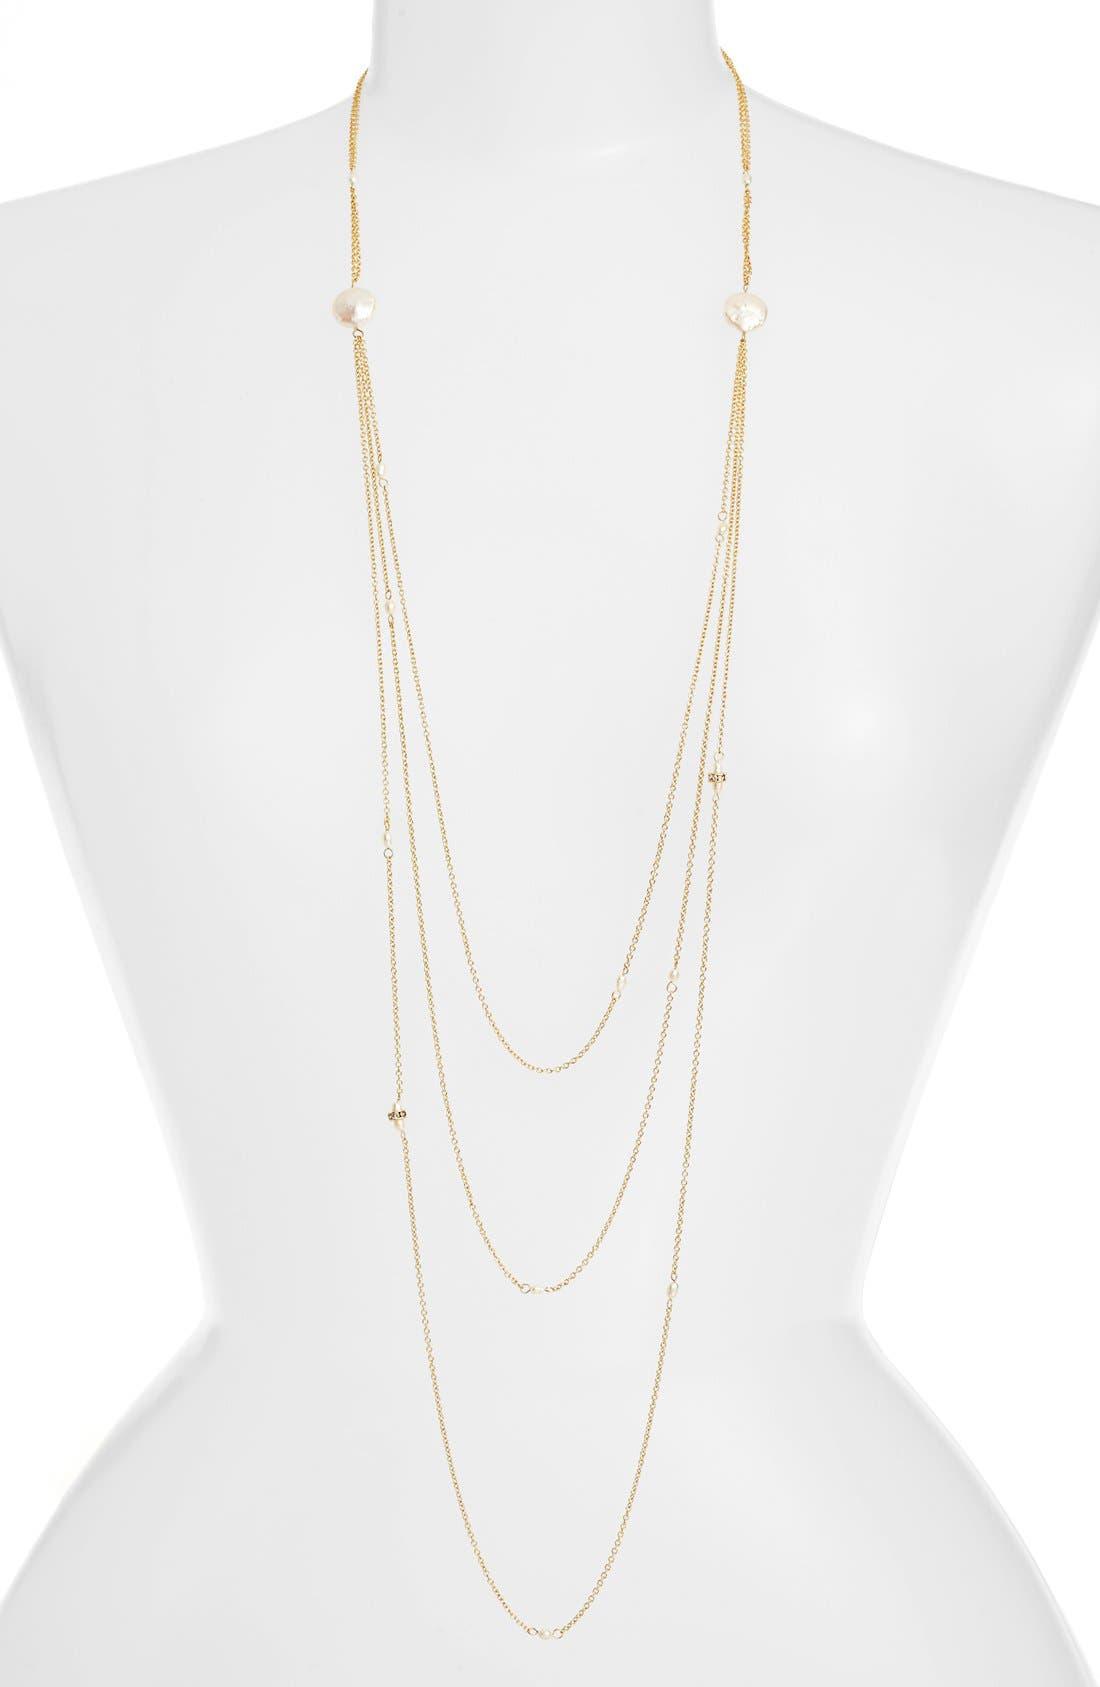 Ettika Tiered Chain Necklace